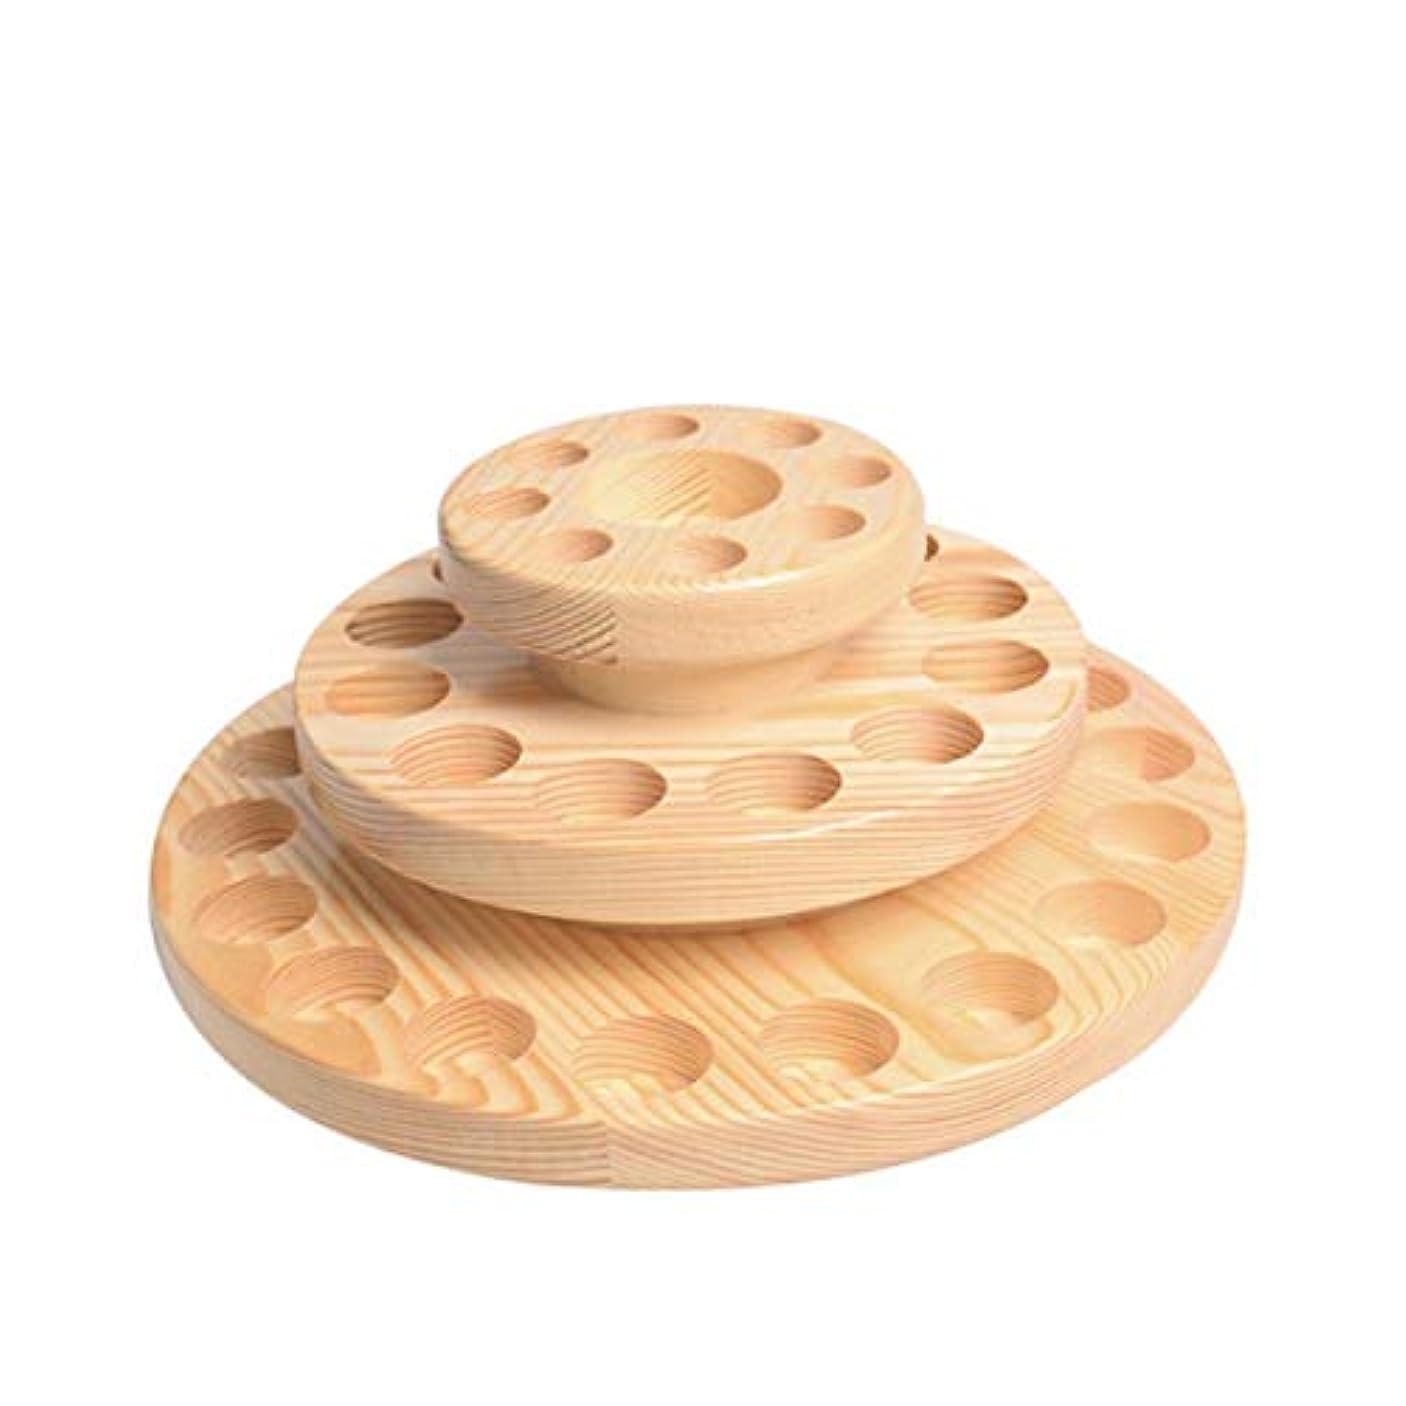 望まない現実的人形TINKSKY アロマオイルスタンド エッセンシャルオイル収納 精油 ディスプレイスタンド 木製 回転台 精油収納 見つけ易い 39本用